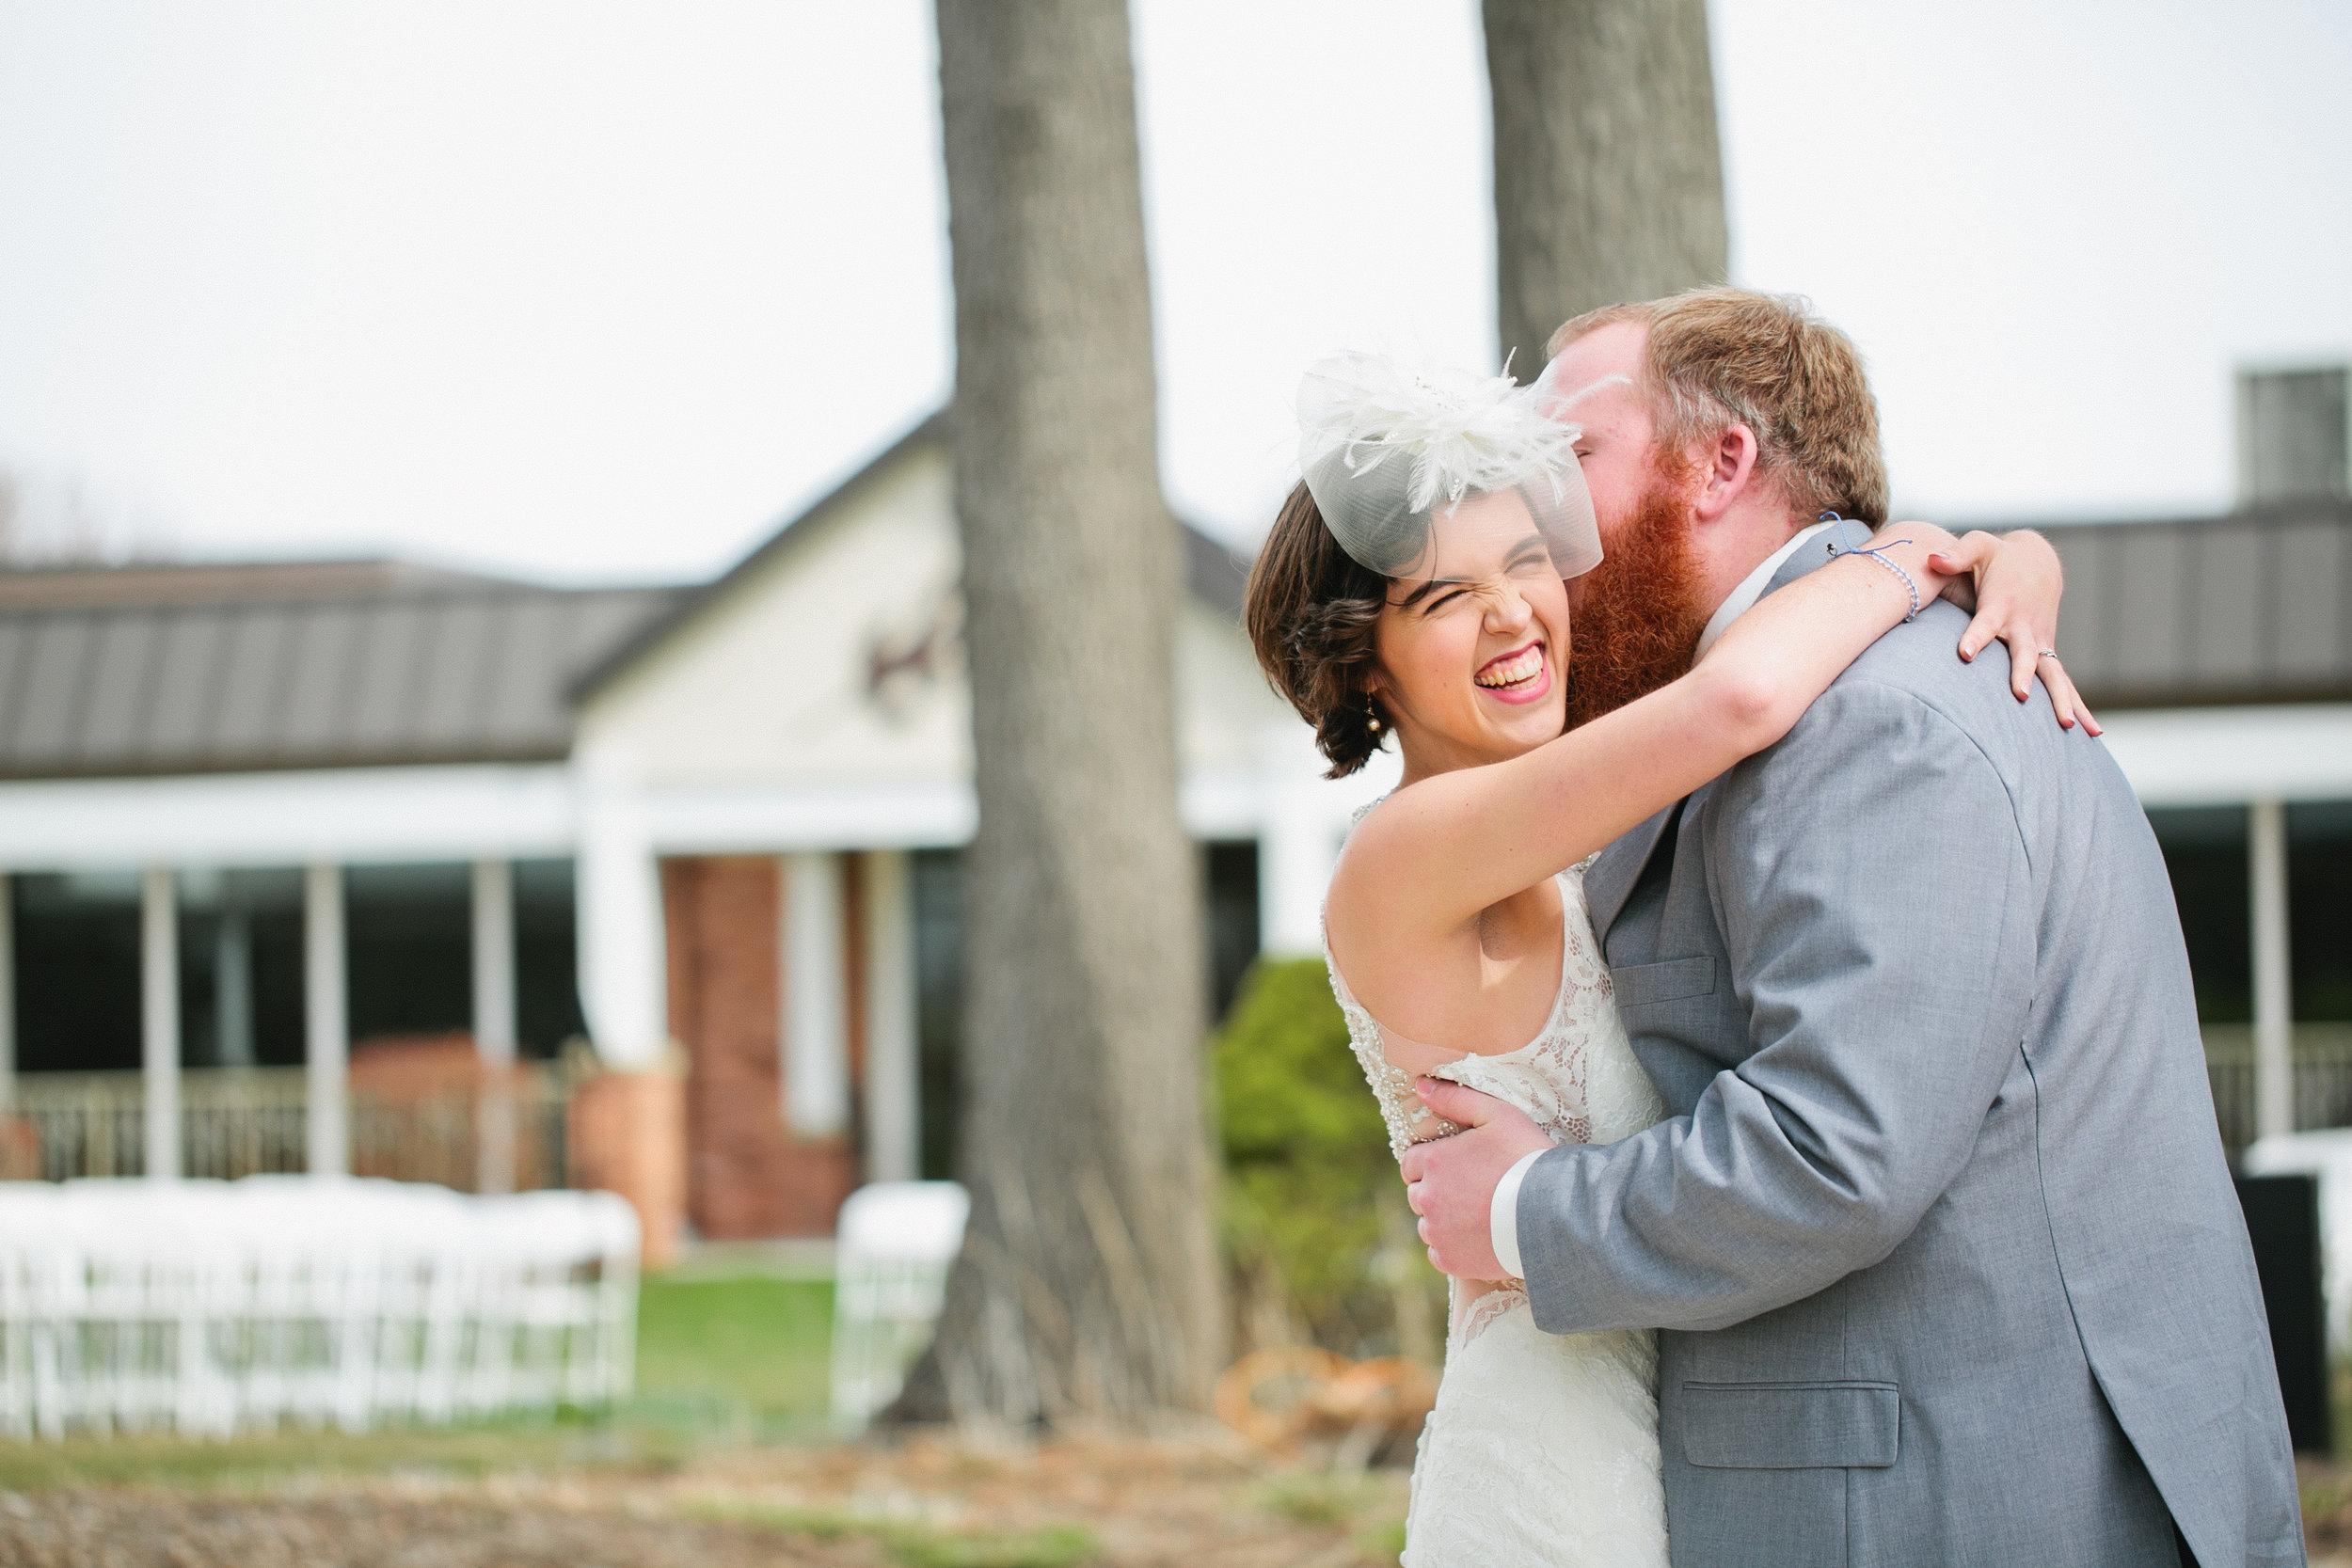 outdoor wedding venues in Des Moines area